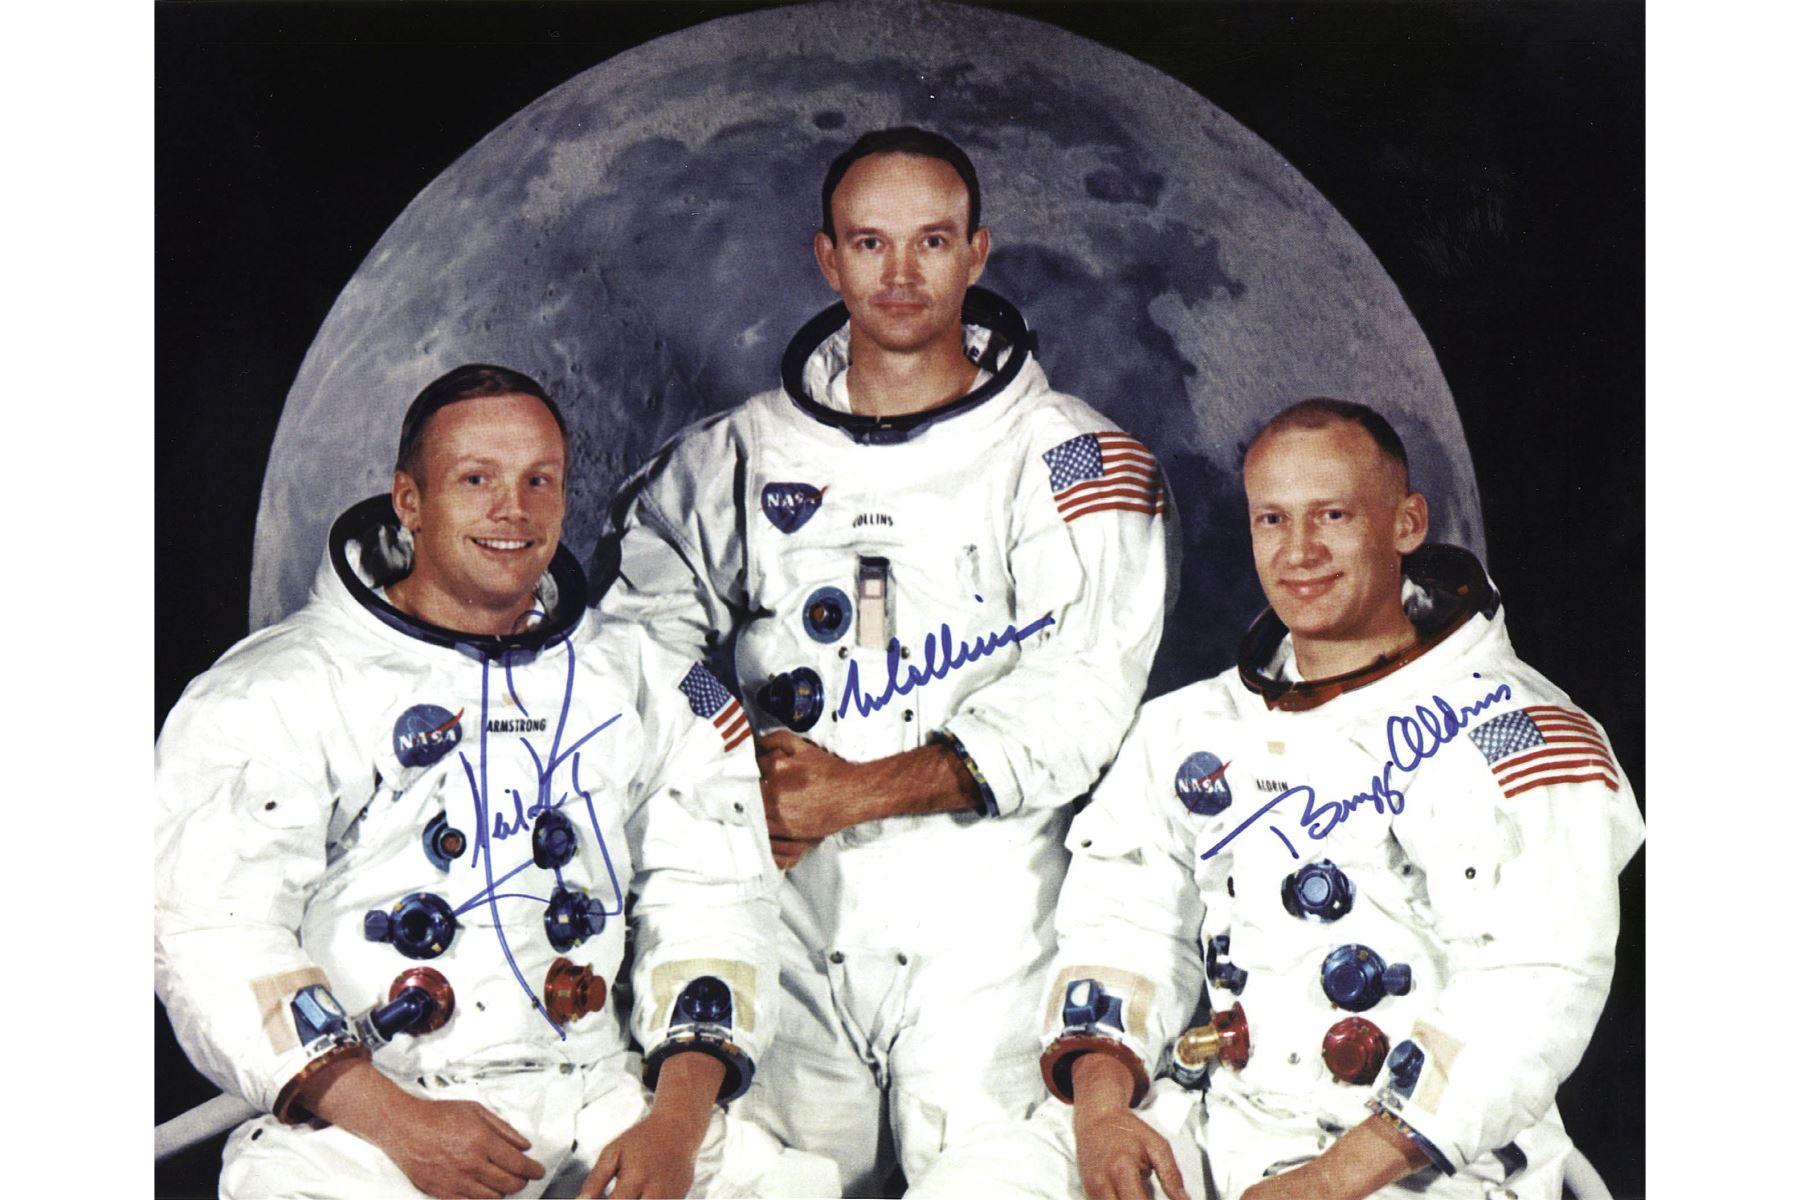 Foto publicada por la NASA muestra a la tripulación de la misión de aterrizaje lunar del Apolo 11, LR Neil Armstrong, comandante, Michael Collins, piloto del módulo de comando y Edwin E. Aldrin Jr, piloto del módulo lunar, 01 de mayo de 1969. Foto: AFP